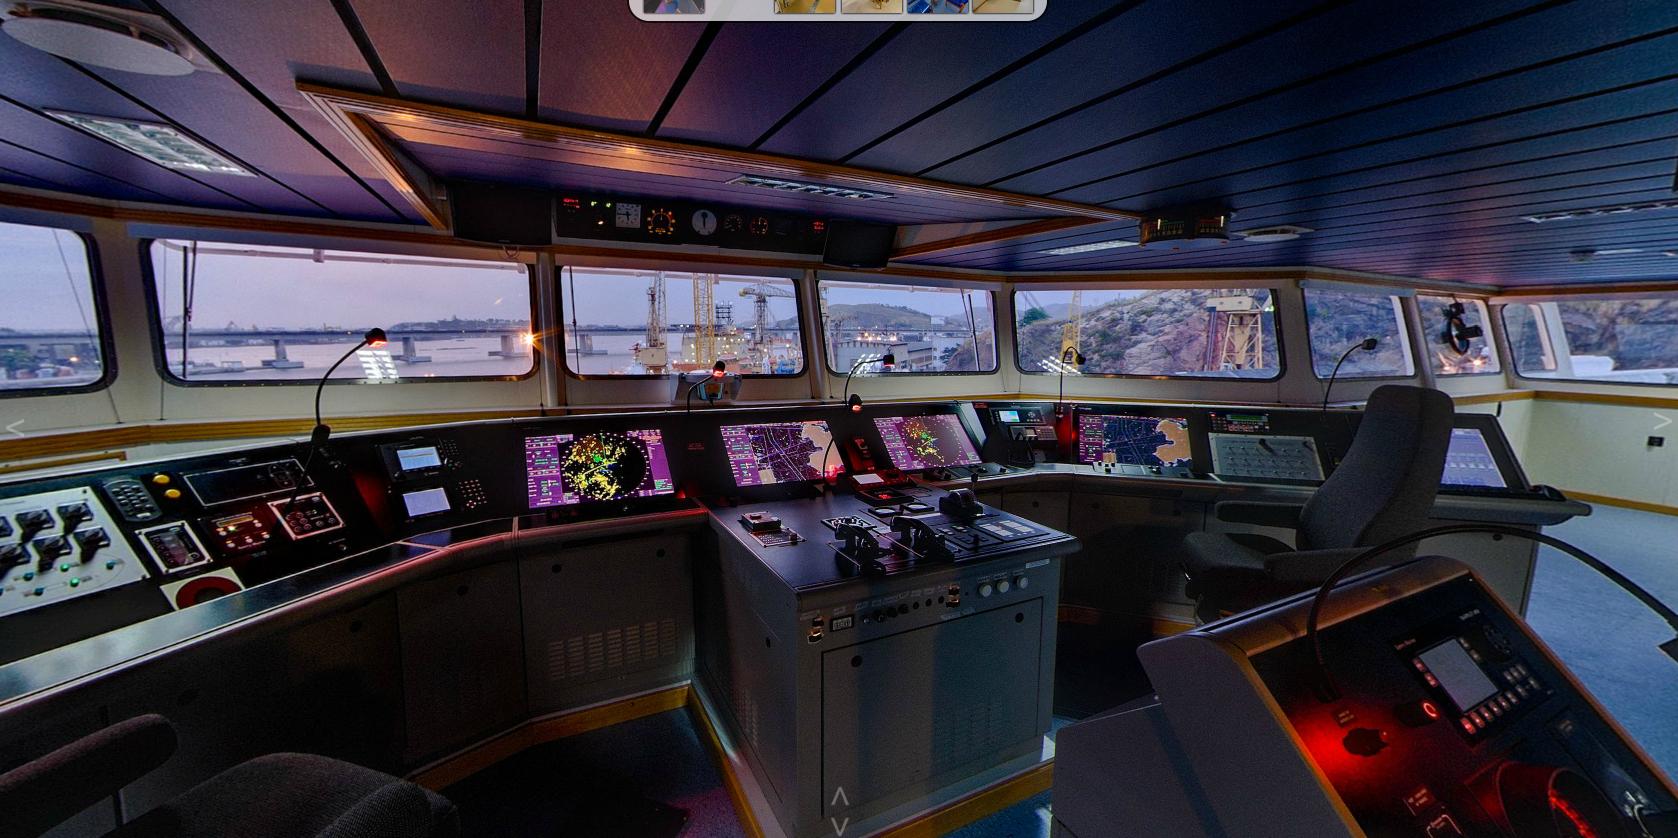 northrop grumman sperry marine launches compassnet at smm